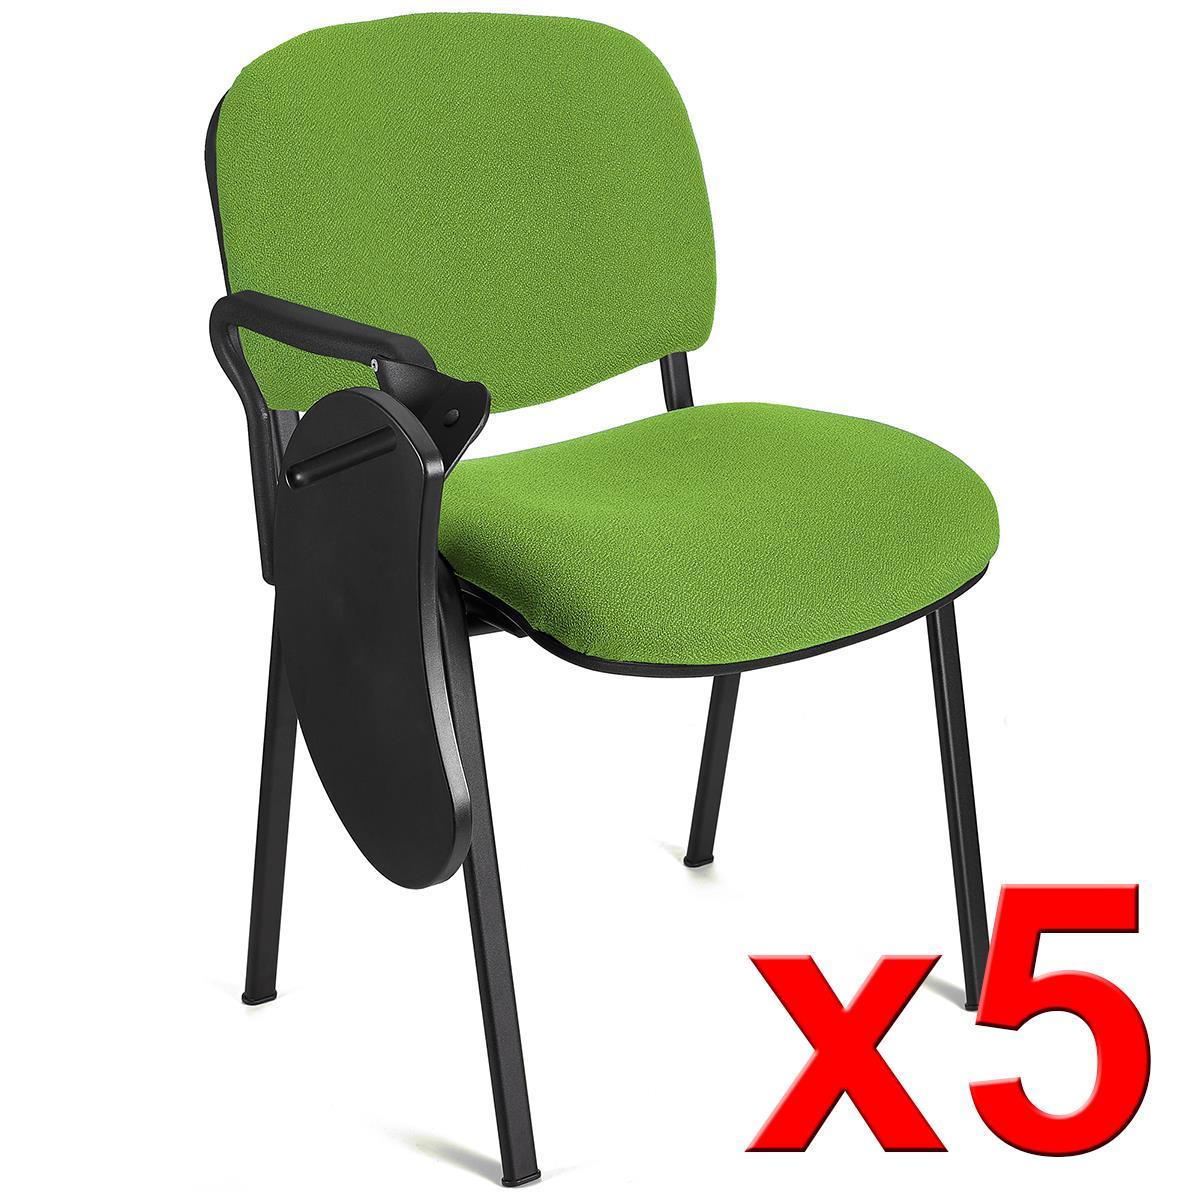 Chaise Avec Tablette Maison Image Ideas